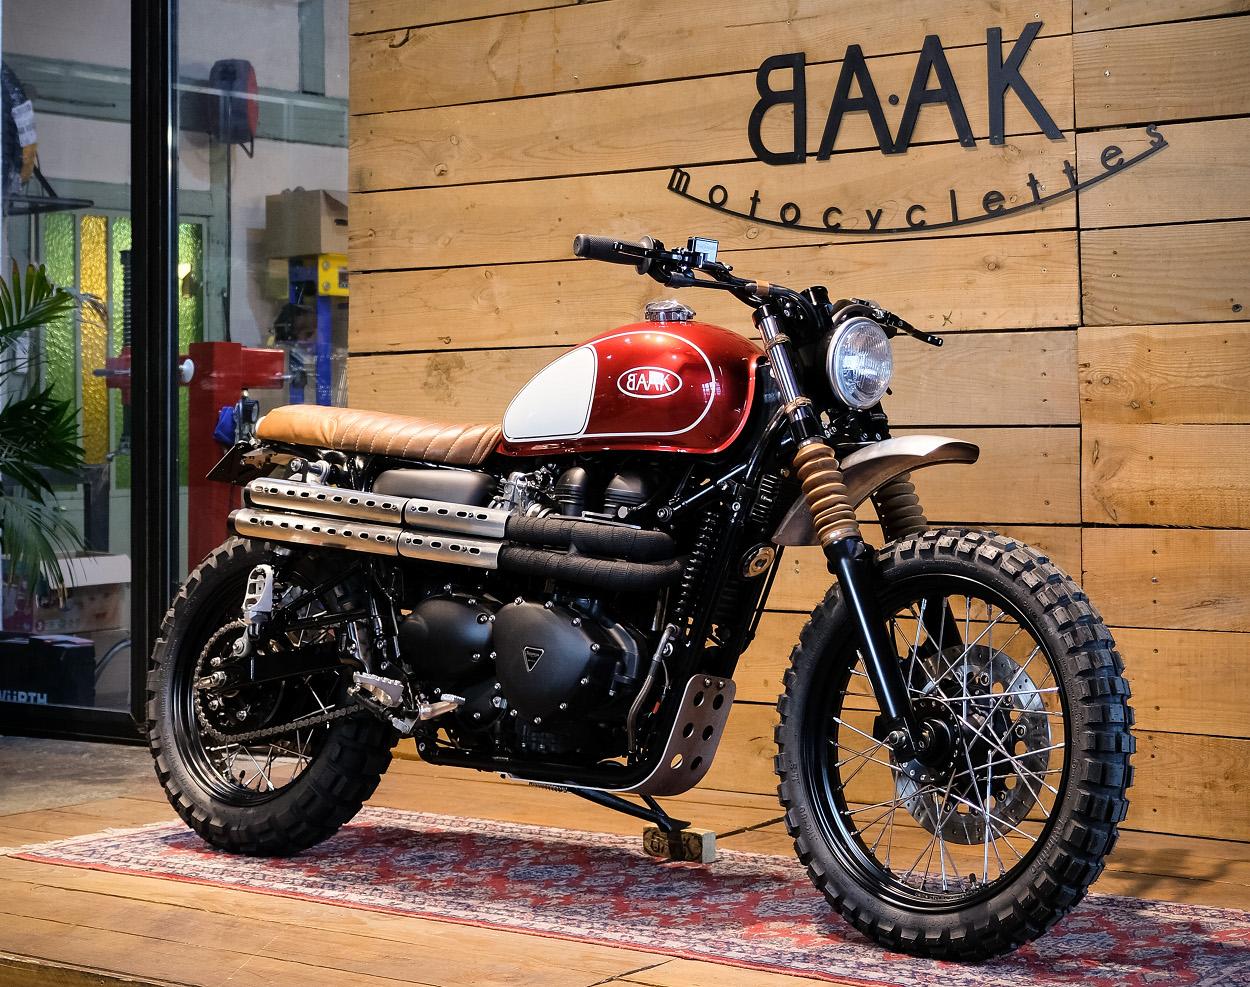 Custom Triumph Scrambler 900 By Baak Motocyclettes Bikebound